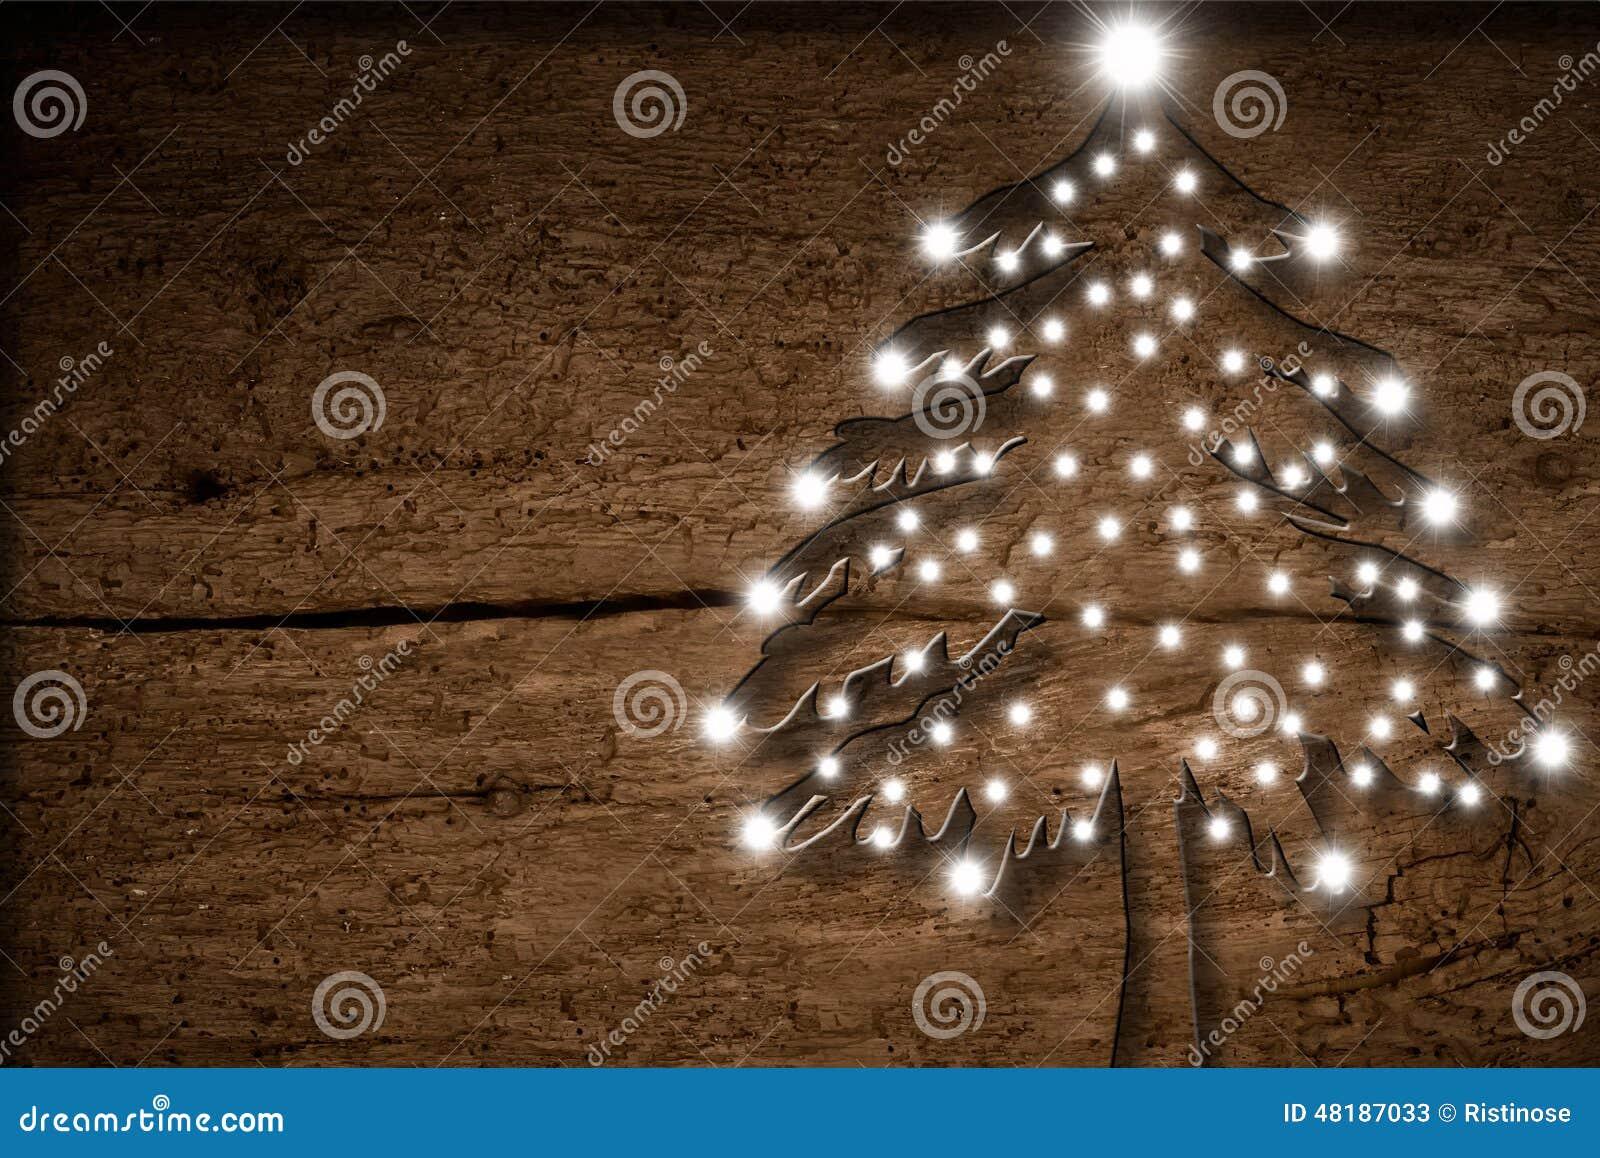 Weihnachten rustikal stockbild. Bild von grunge, text - 48187033